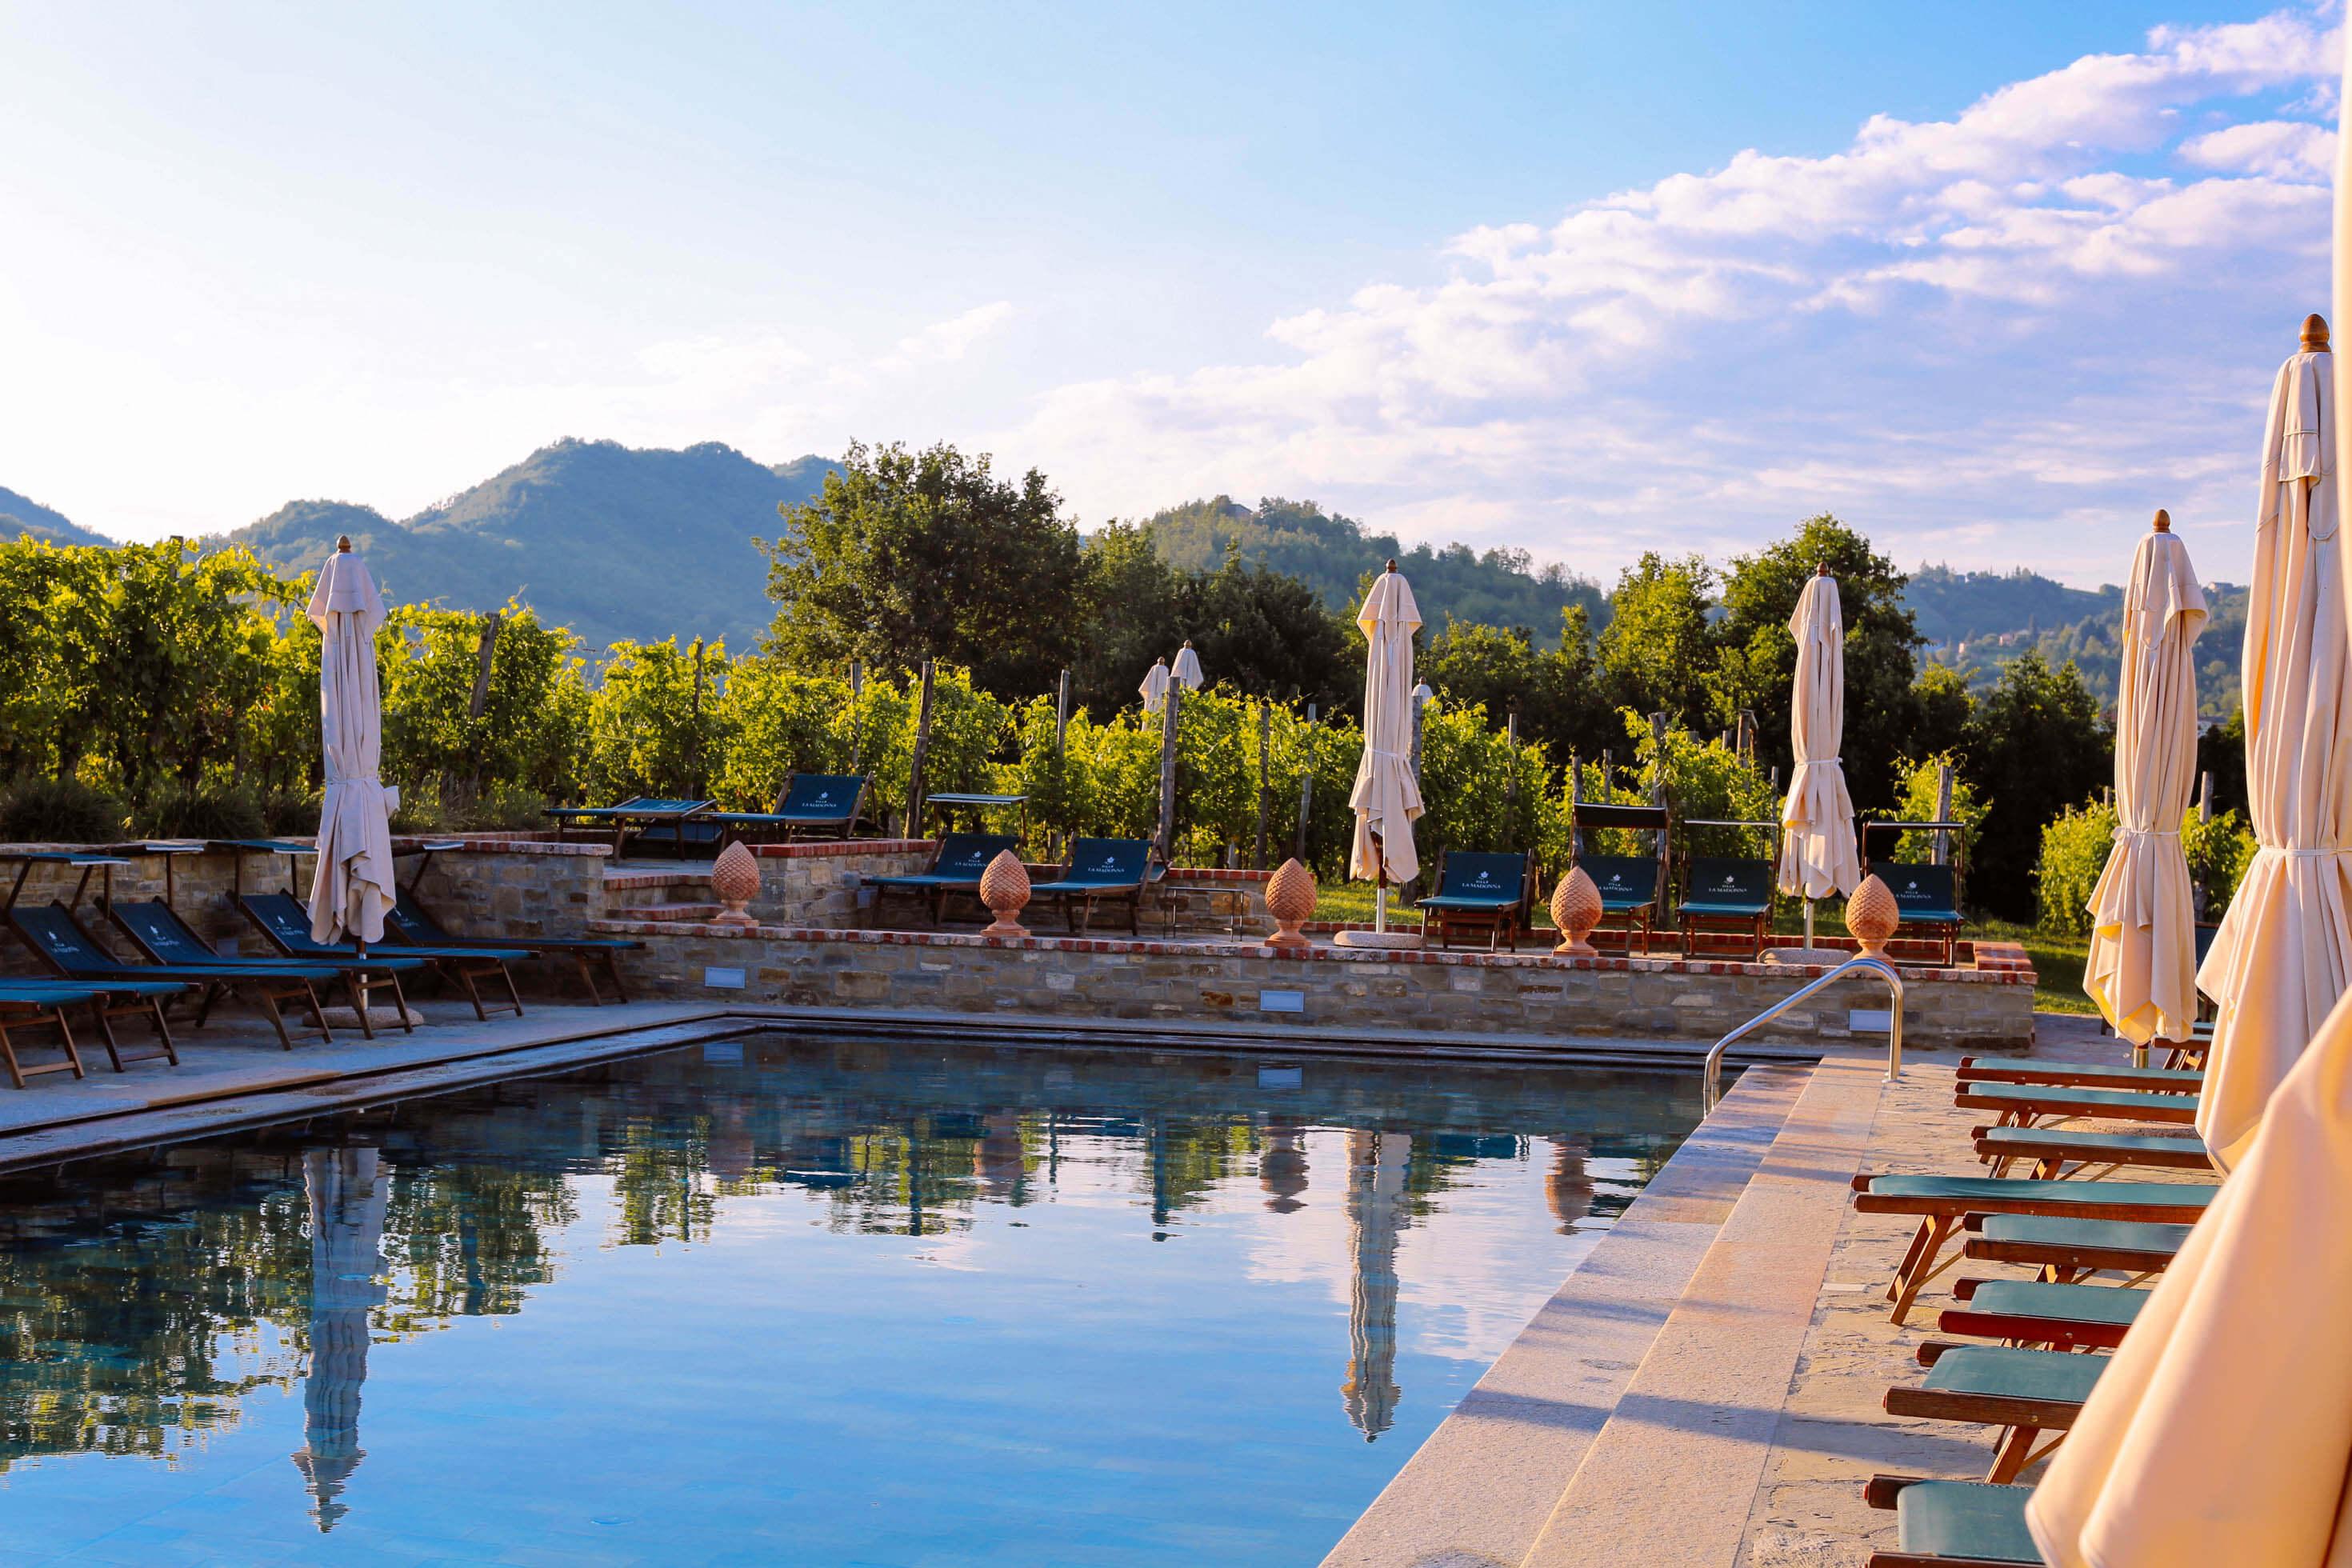 Villa la madonna blogg pris bilder_-13